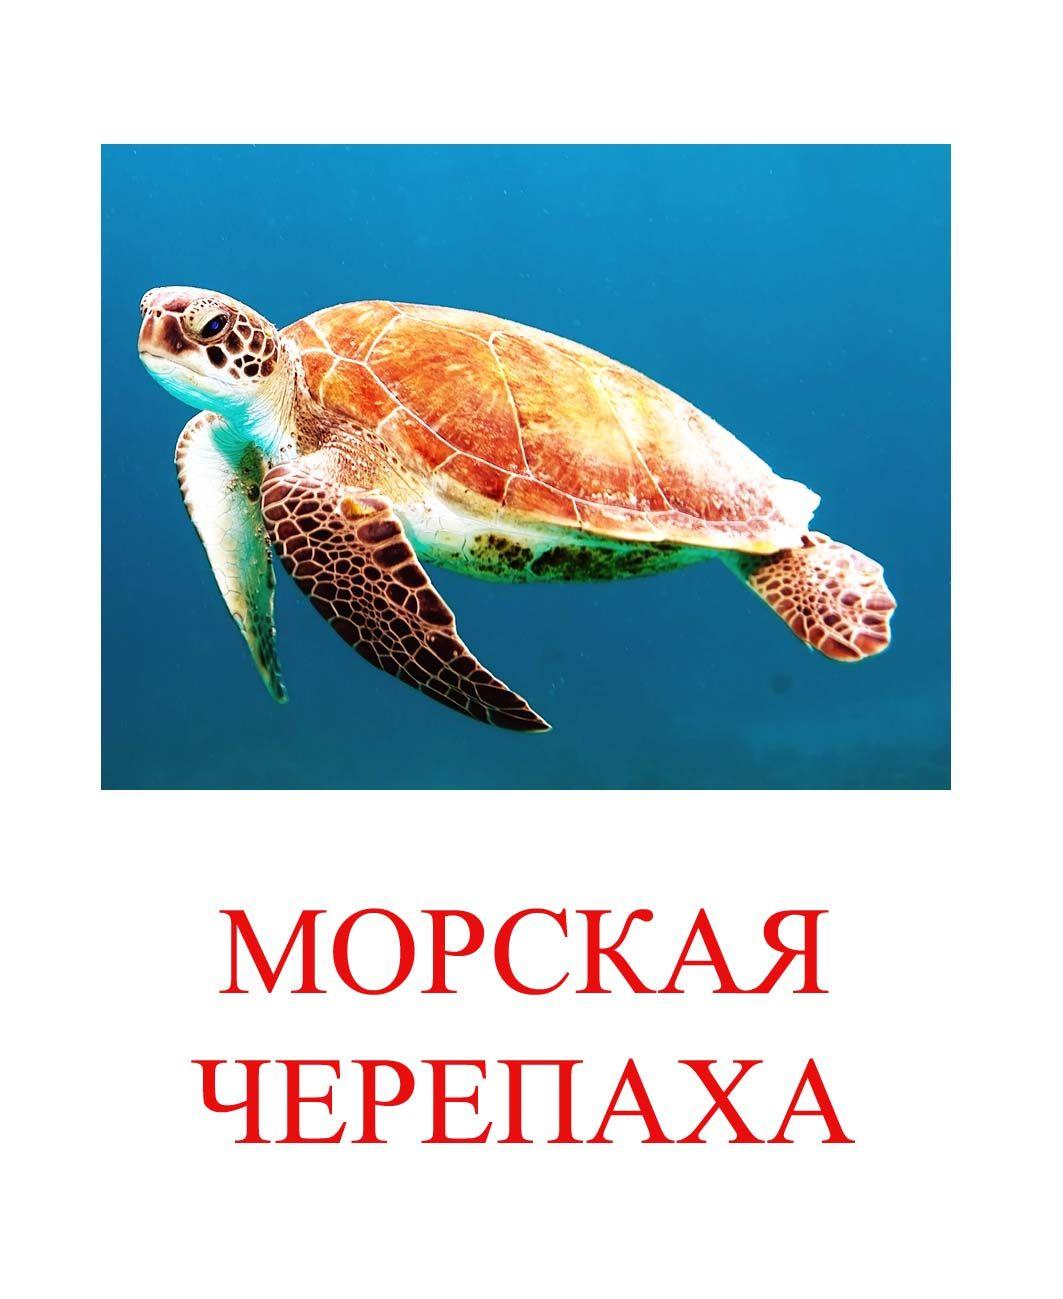 Морские животные картинки для детей   Черепаха, Морские ...